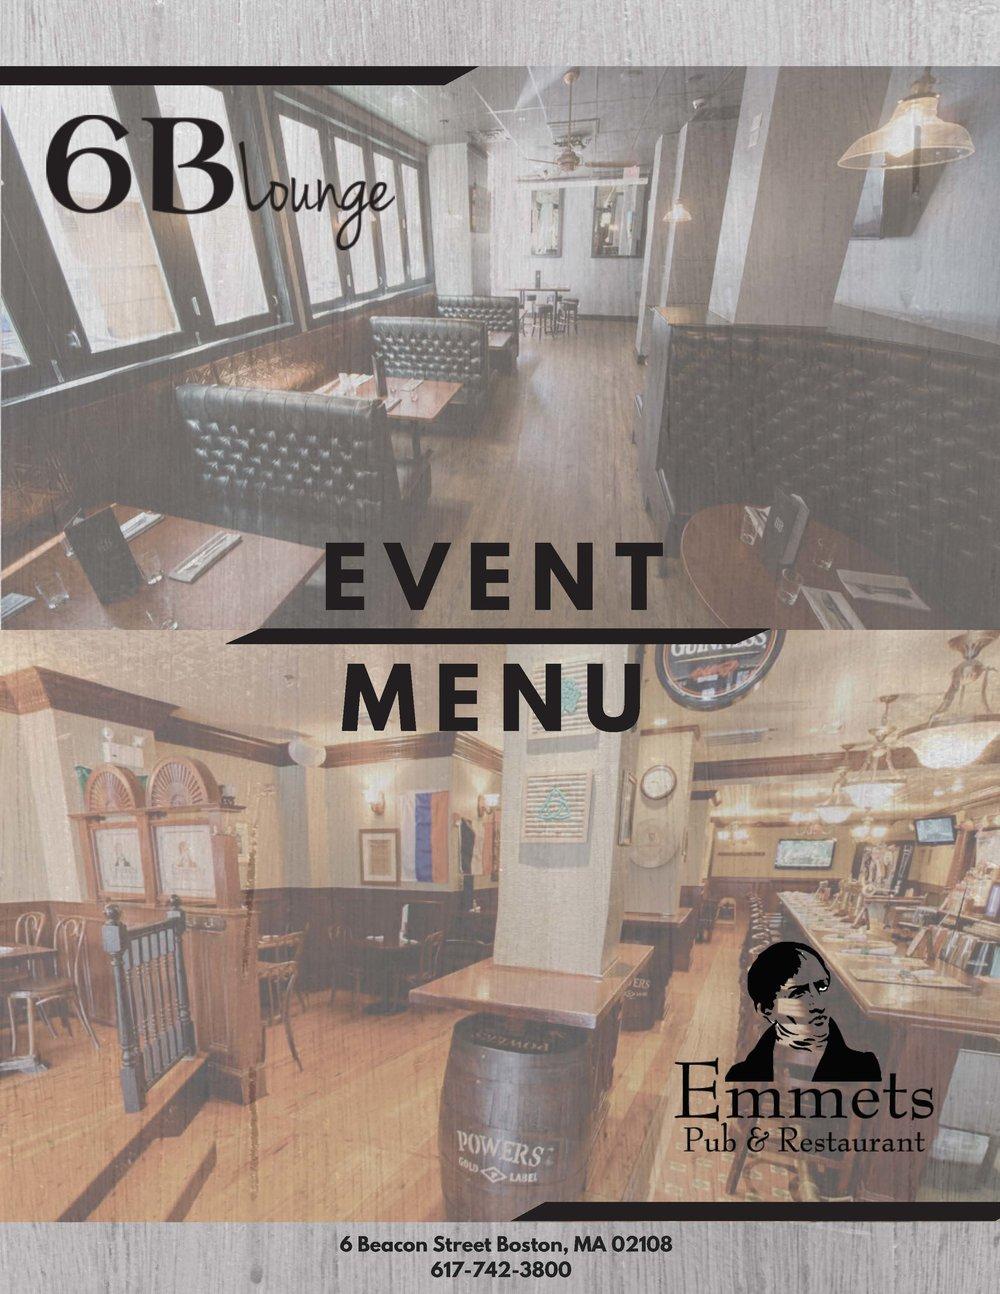 emmets-6b menu_Page_1.jpg